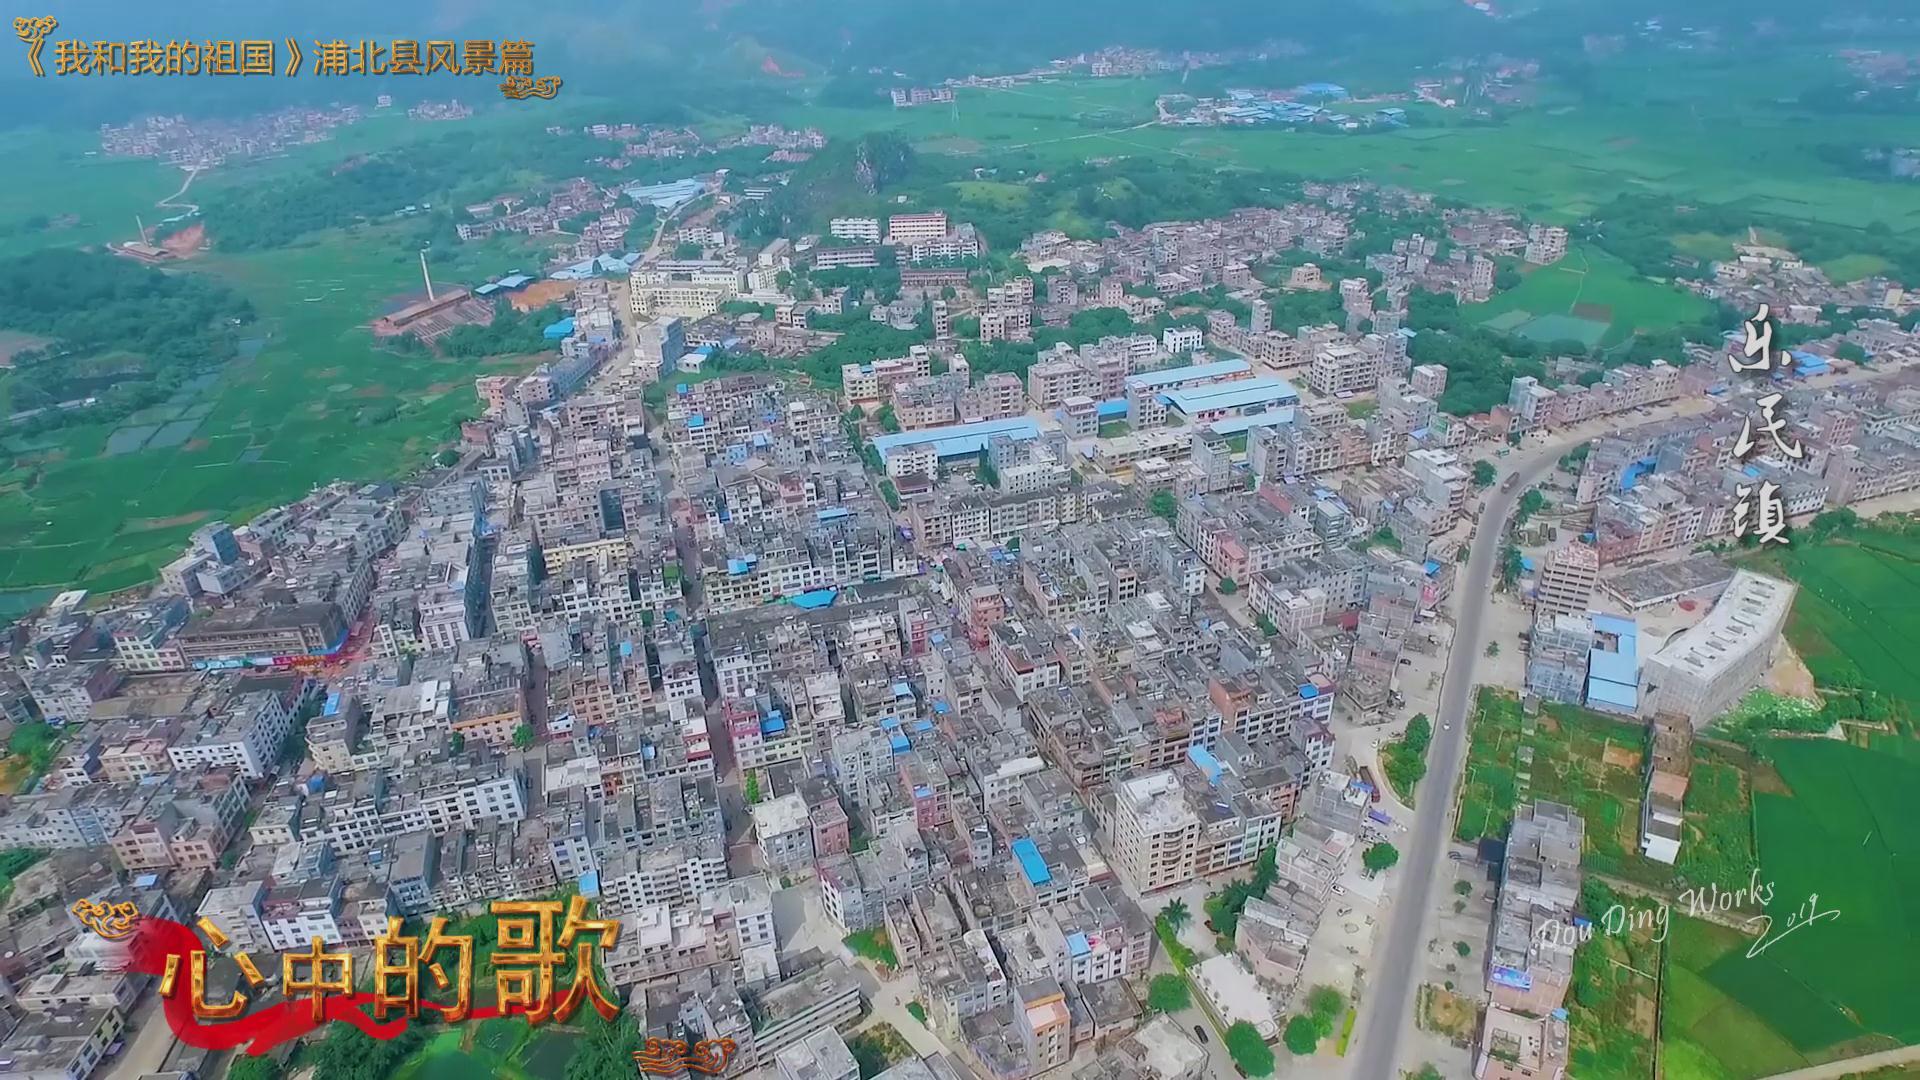 《我和我的祖国》浦北县风景篇14.jpg